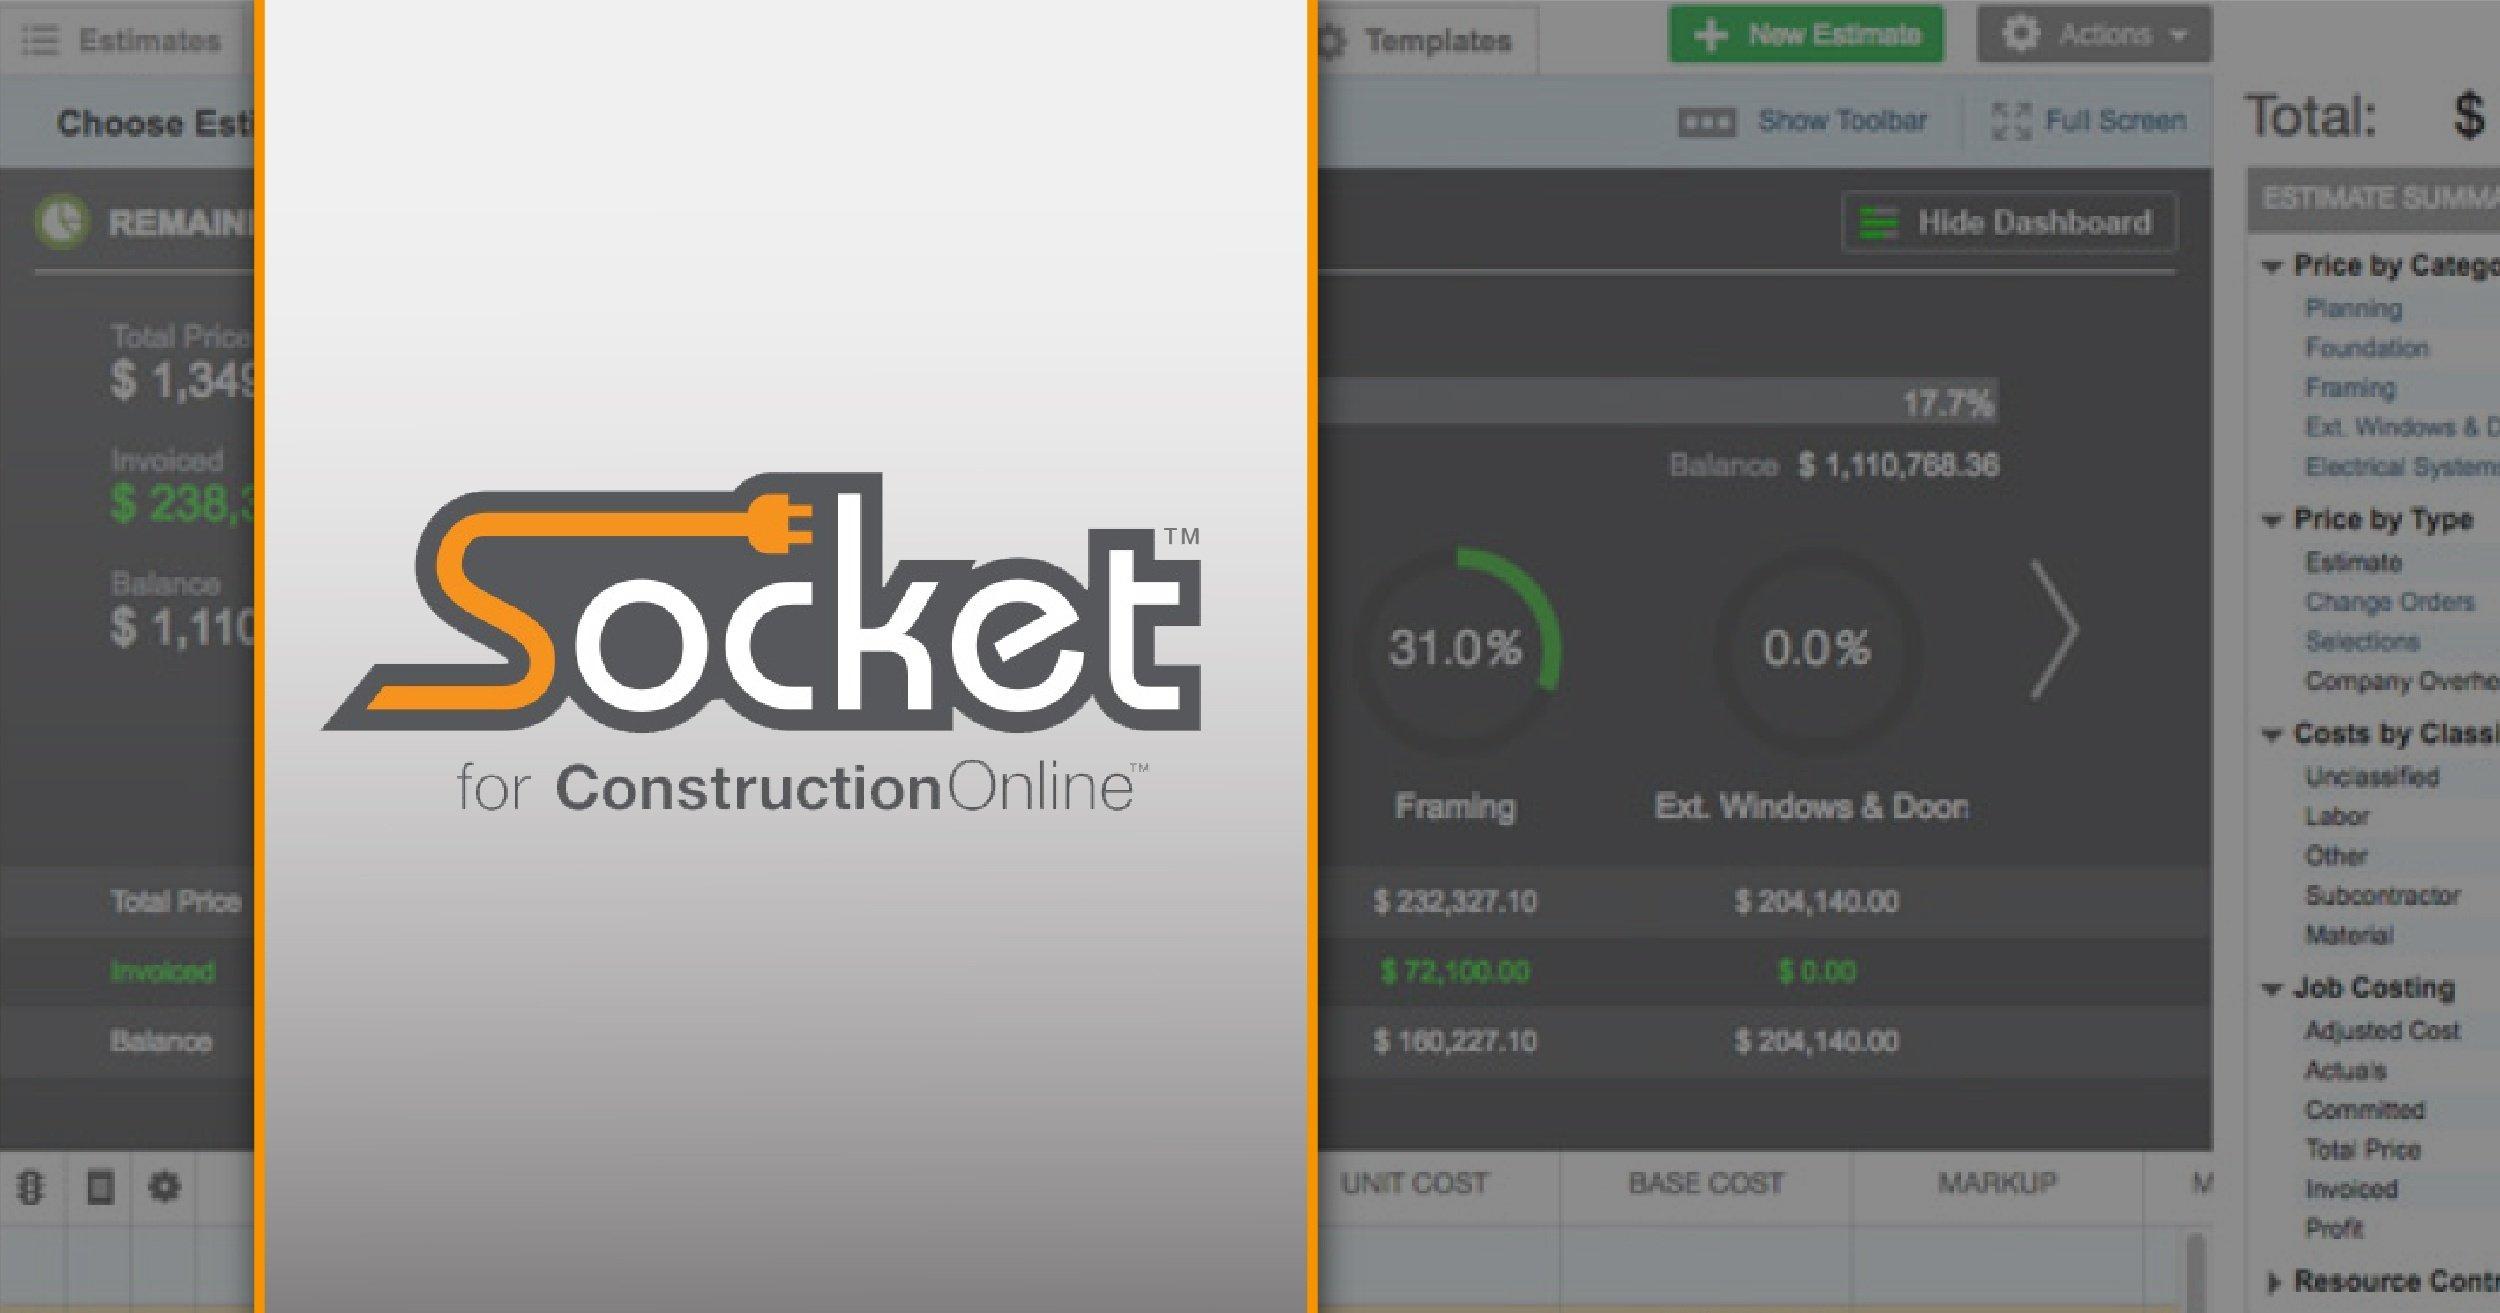 Meet Socket: ConstructionOnline's New Desktop Assistant